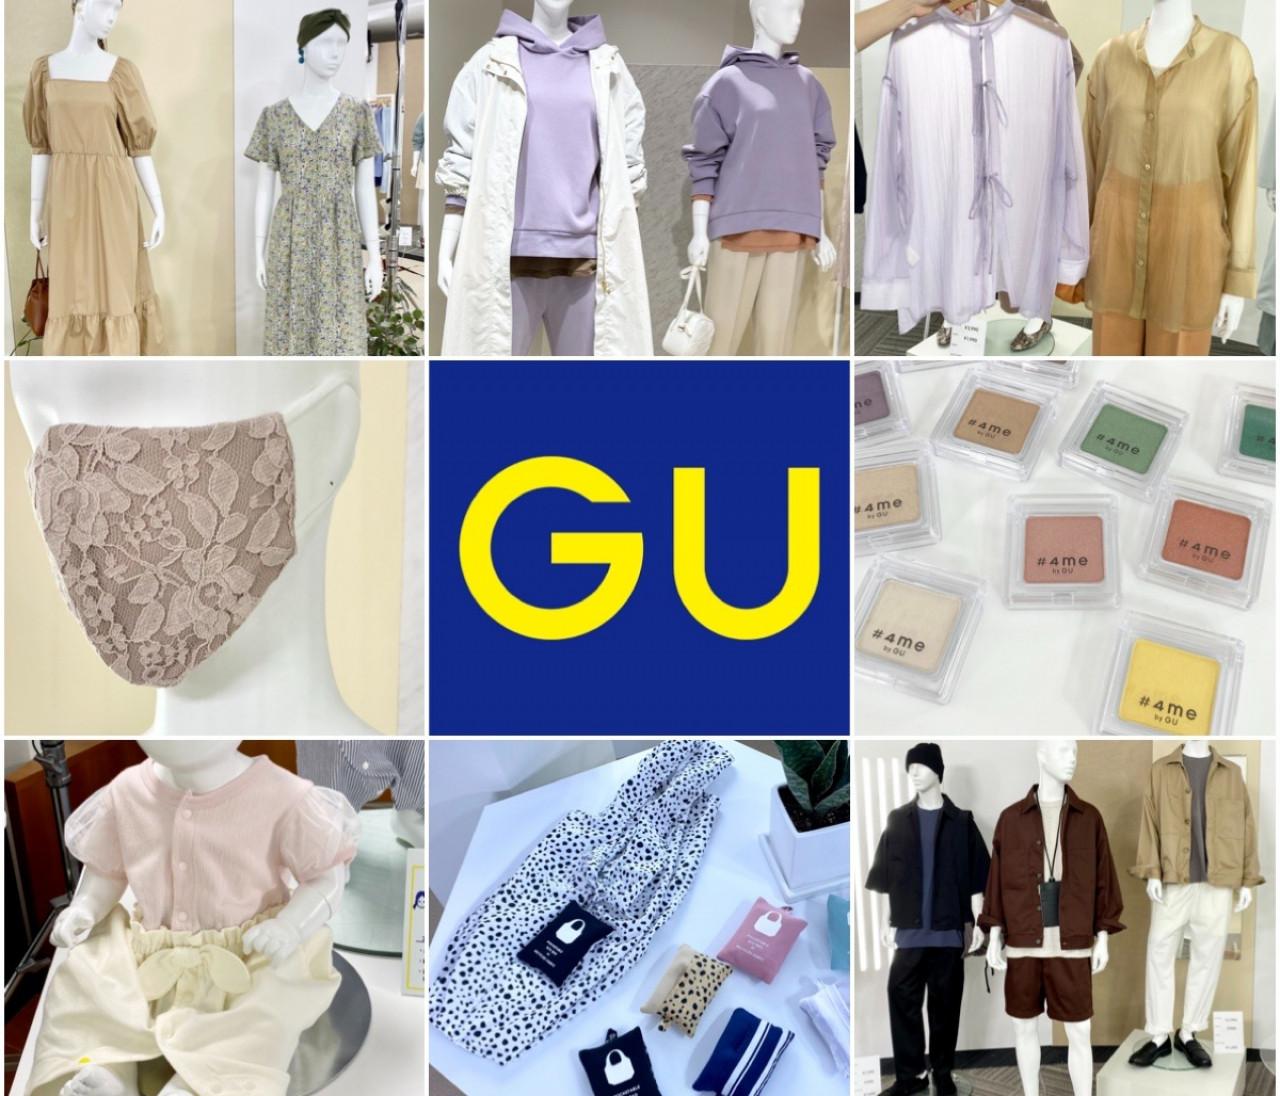 【ジーユー(GU)】大人のための2021春夏新作8大ニュースを展示会情報からまとめ読み | ワンピース、シェフパンツ、マスク、コスメなど人気商品続々登場